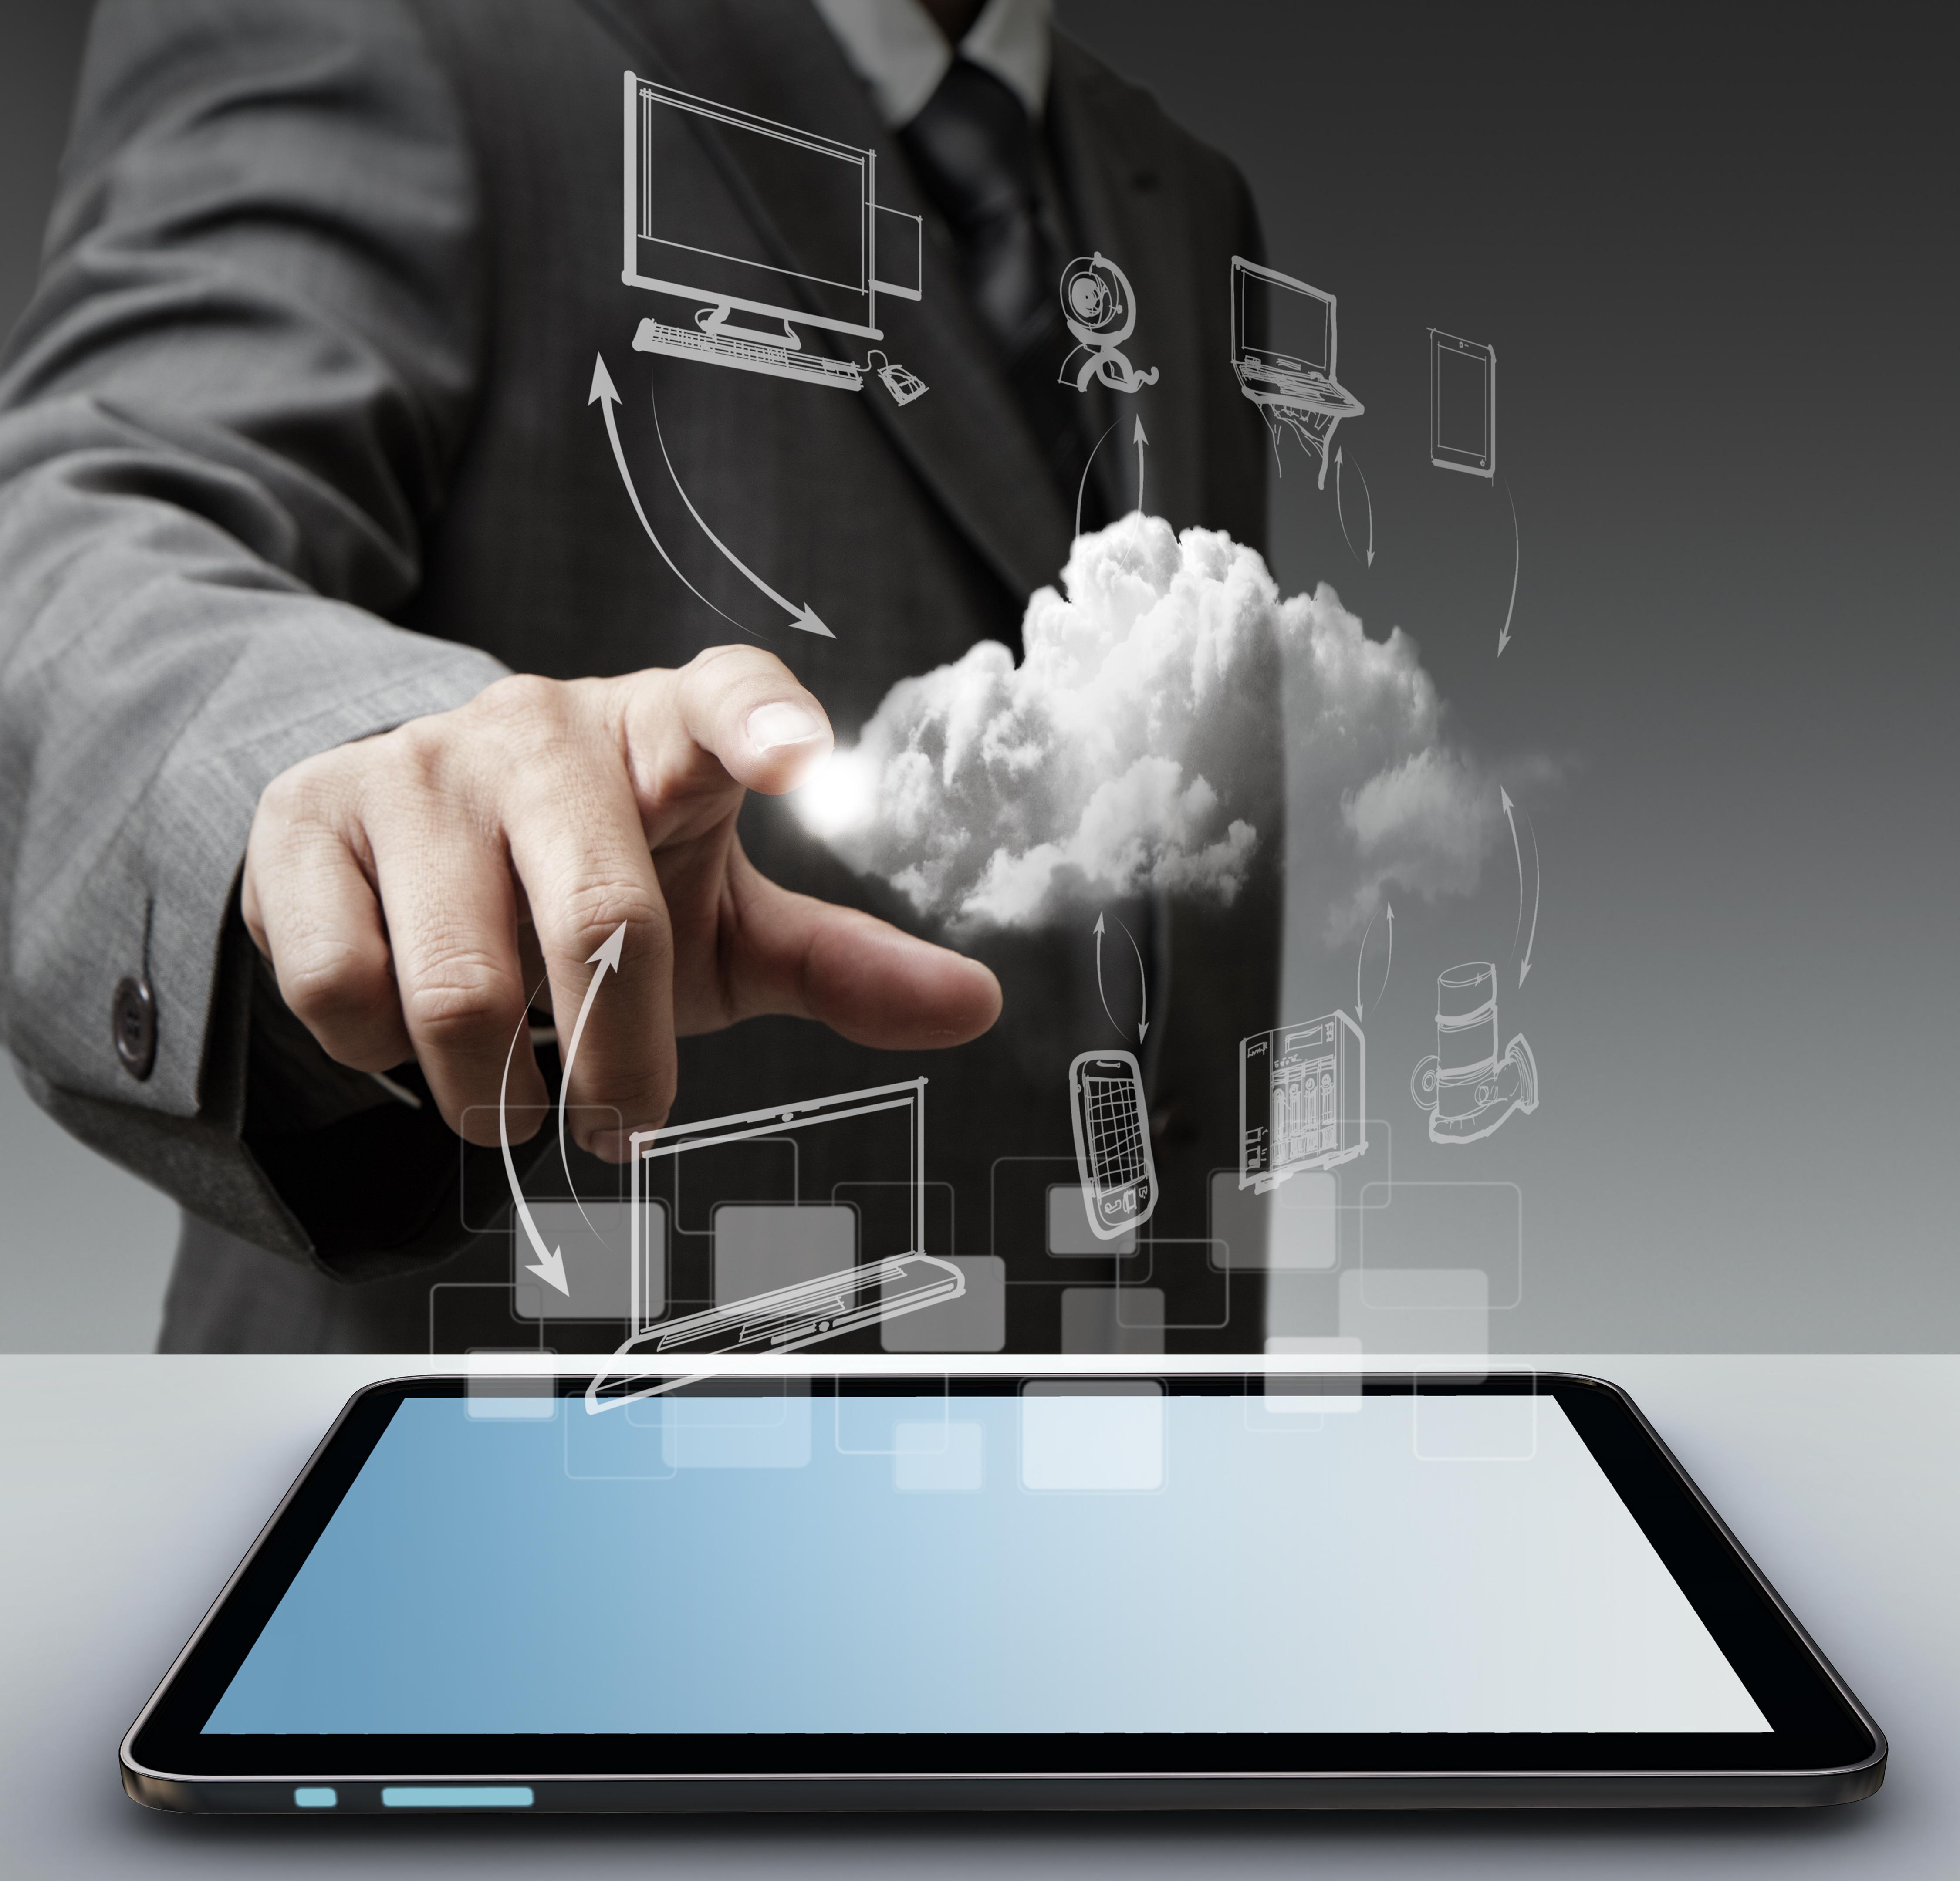 Top 5 Reasons for Adopting Cloud Computing  - Image 1